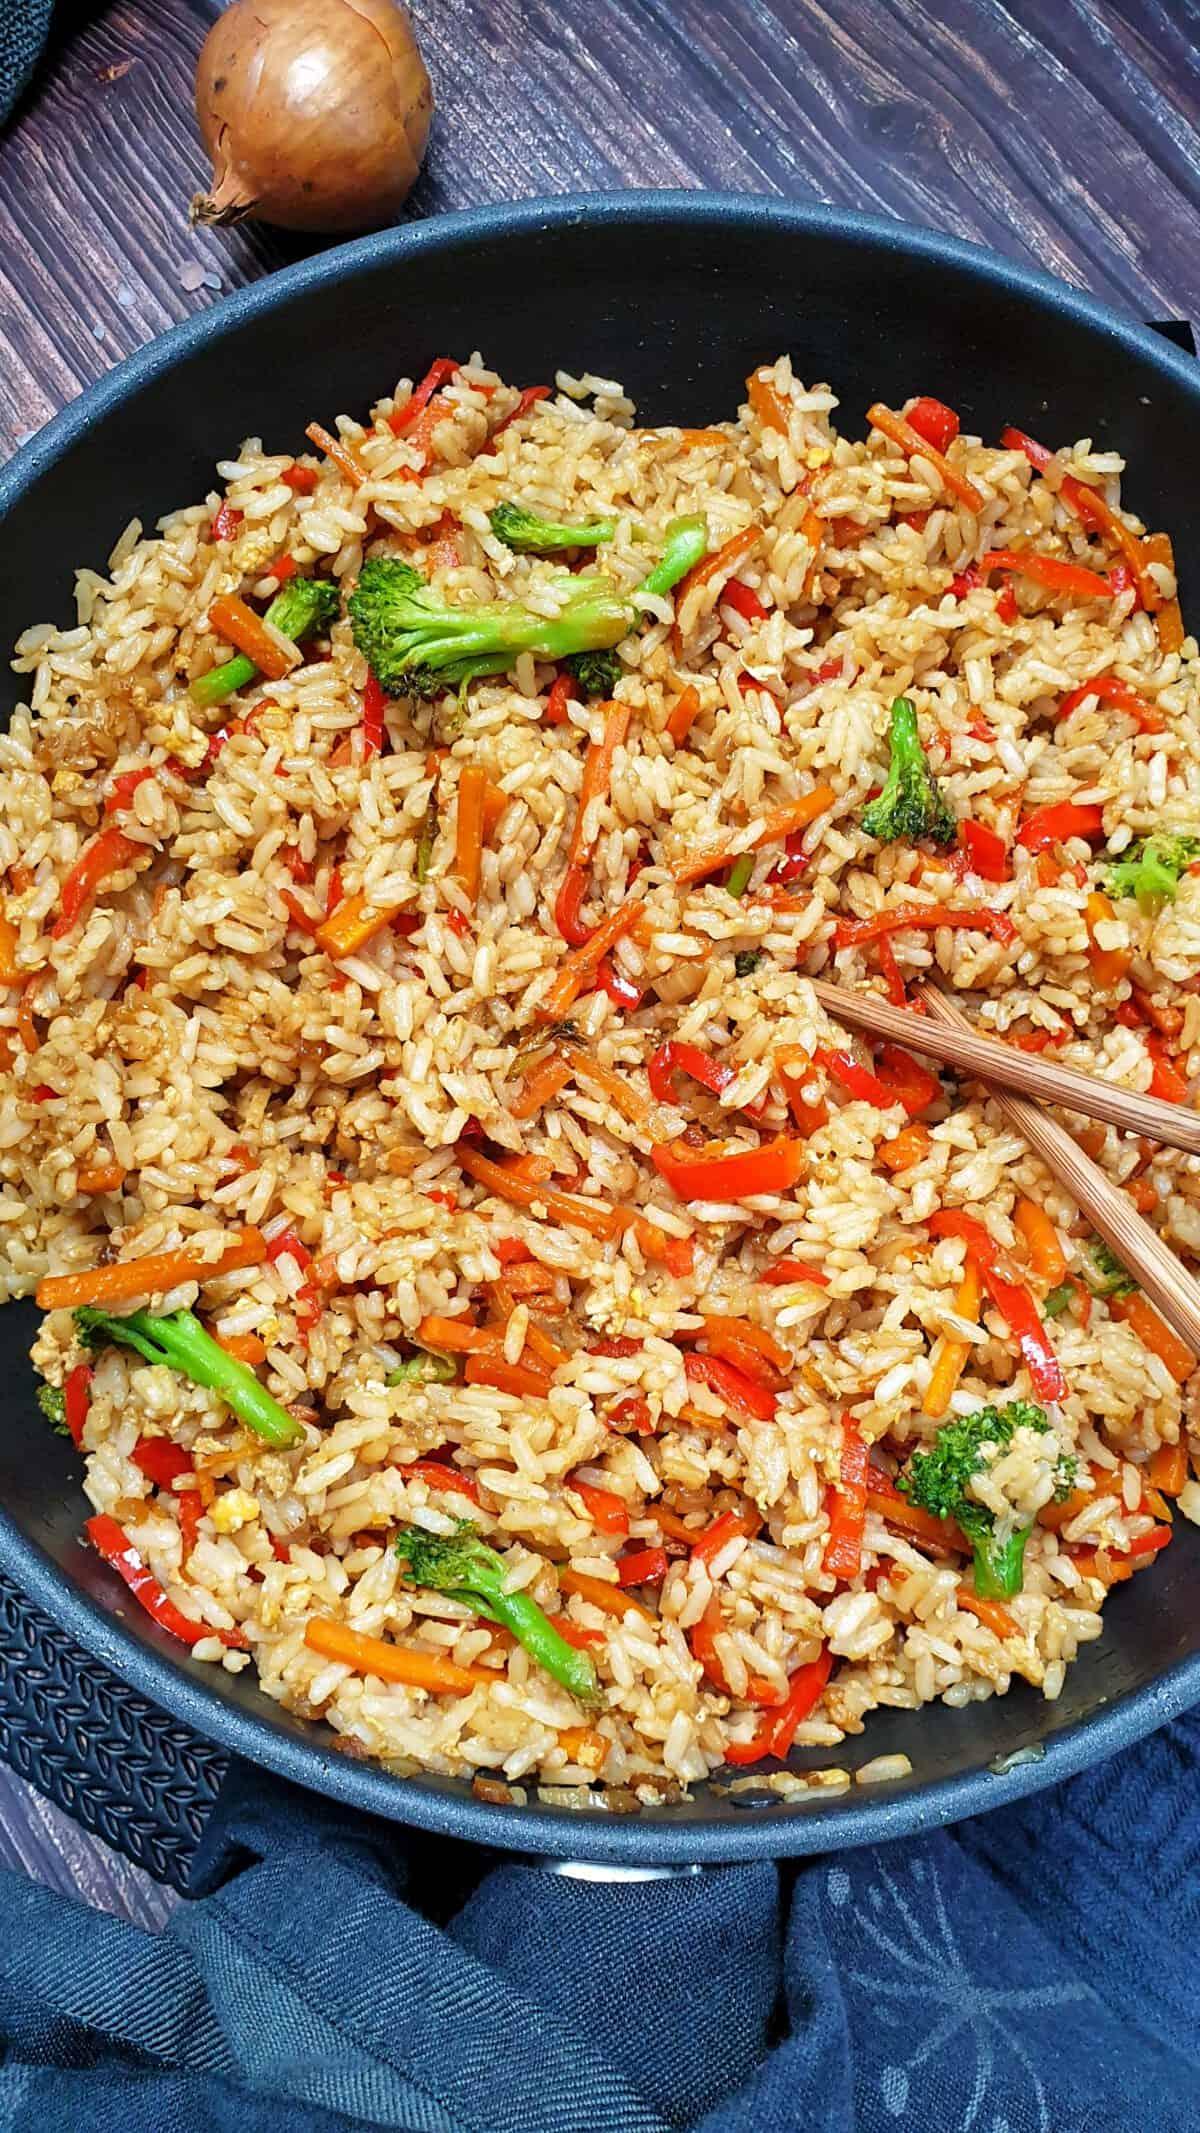 In einer Pfanne gebratener Asia Reis mit Gemüse, vegetarisch, ohne Fleisch.